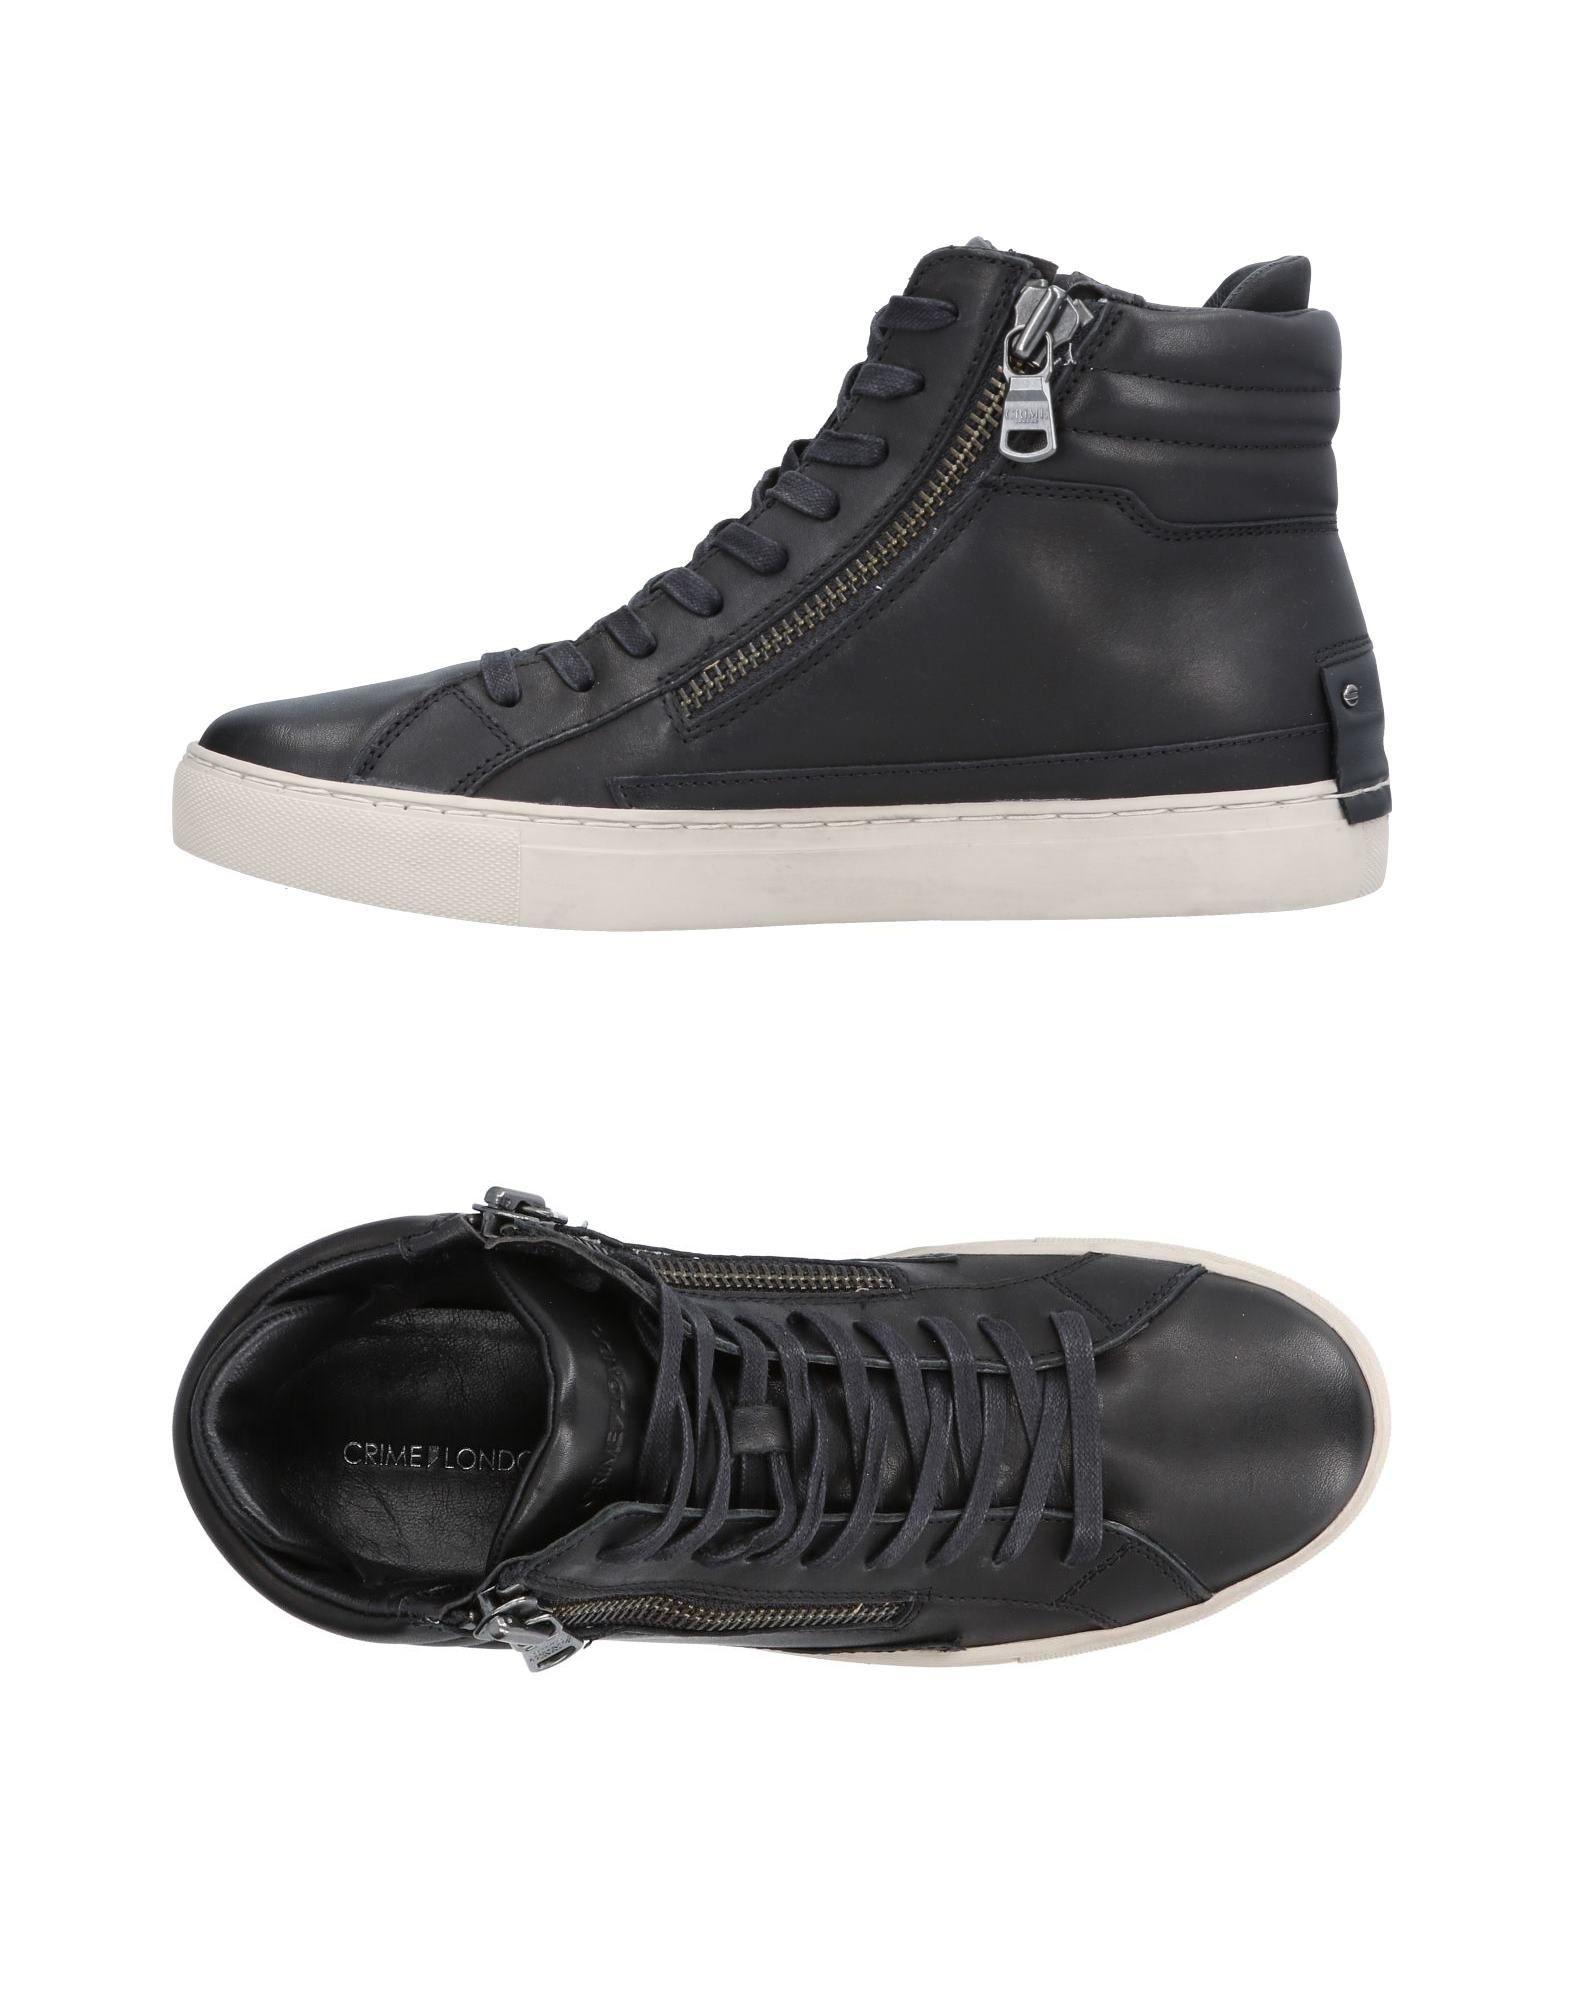 Baskets Crime London Homme - Baskets Crime London  Noir Les chaussures les plus populaires pour les hommes et les femmes